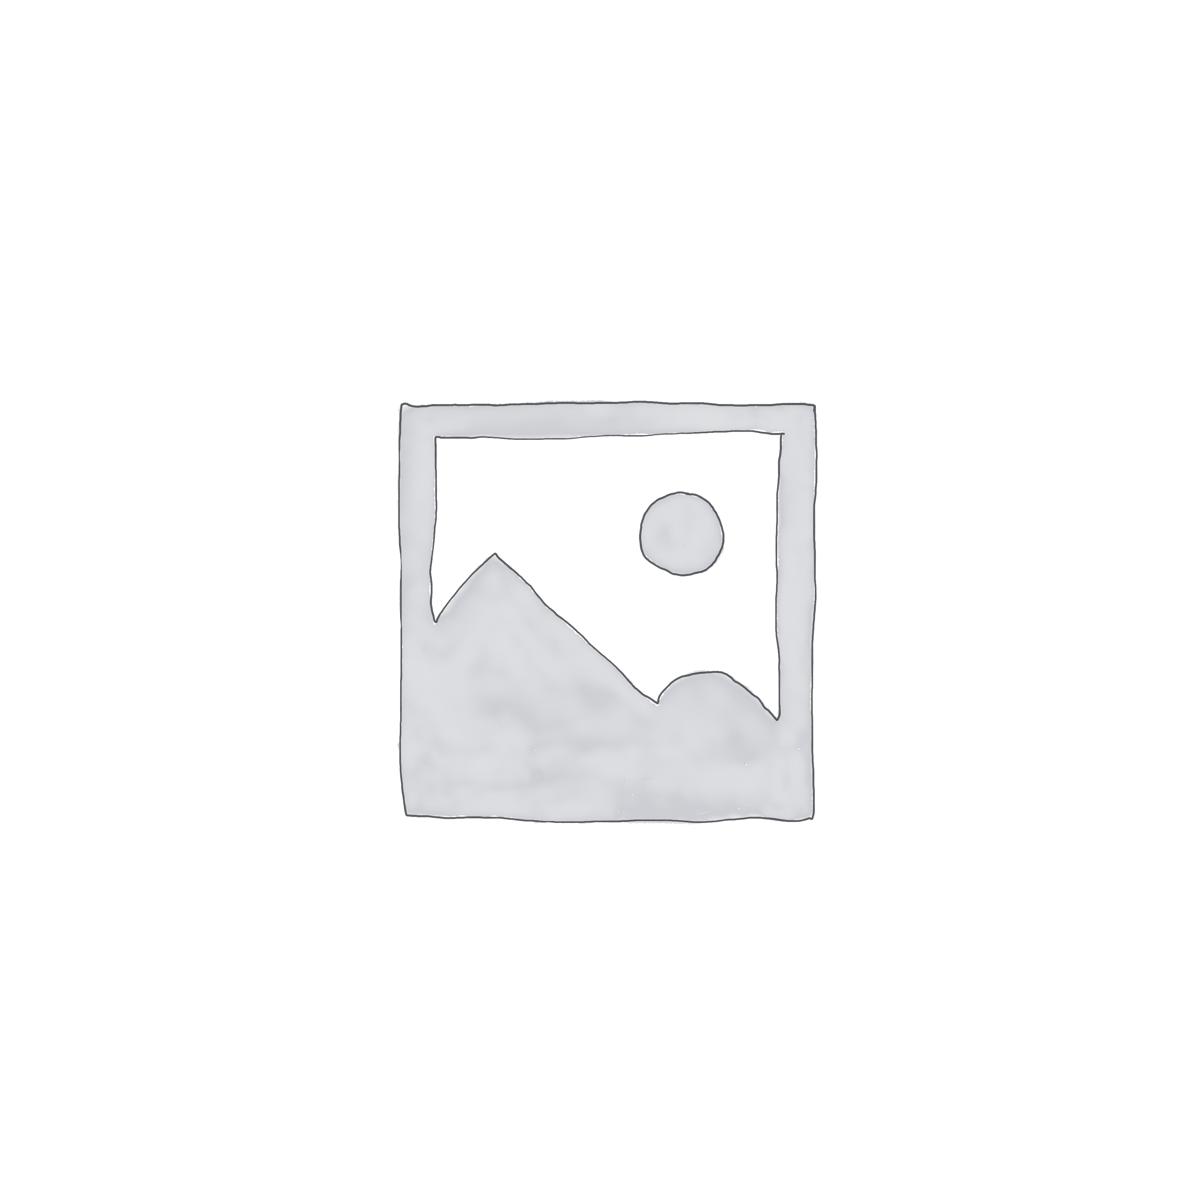 Accessoires / Entretien